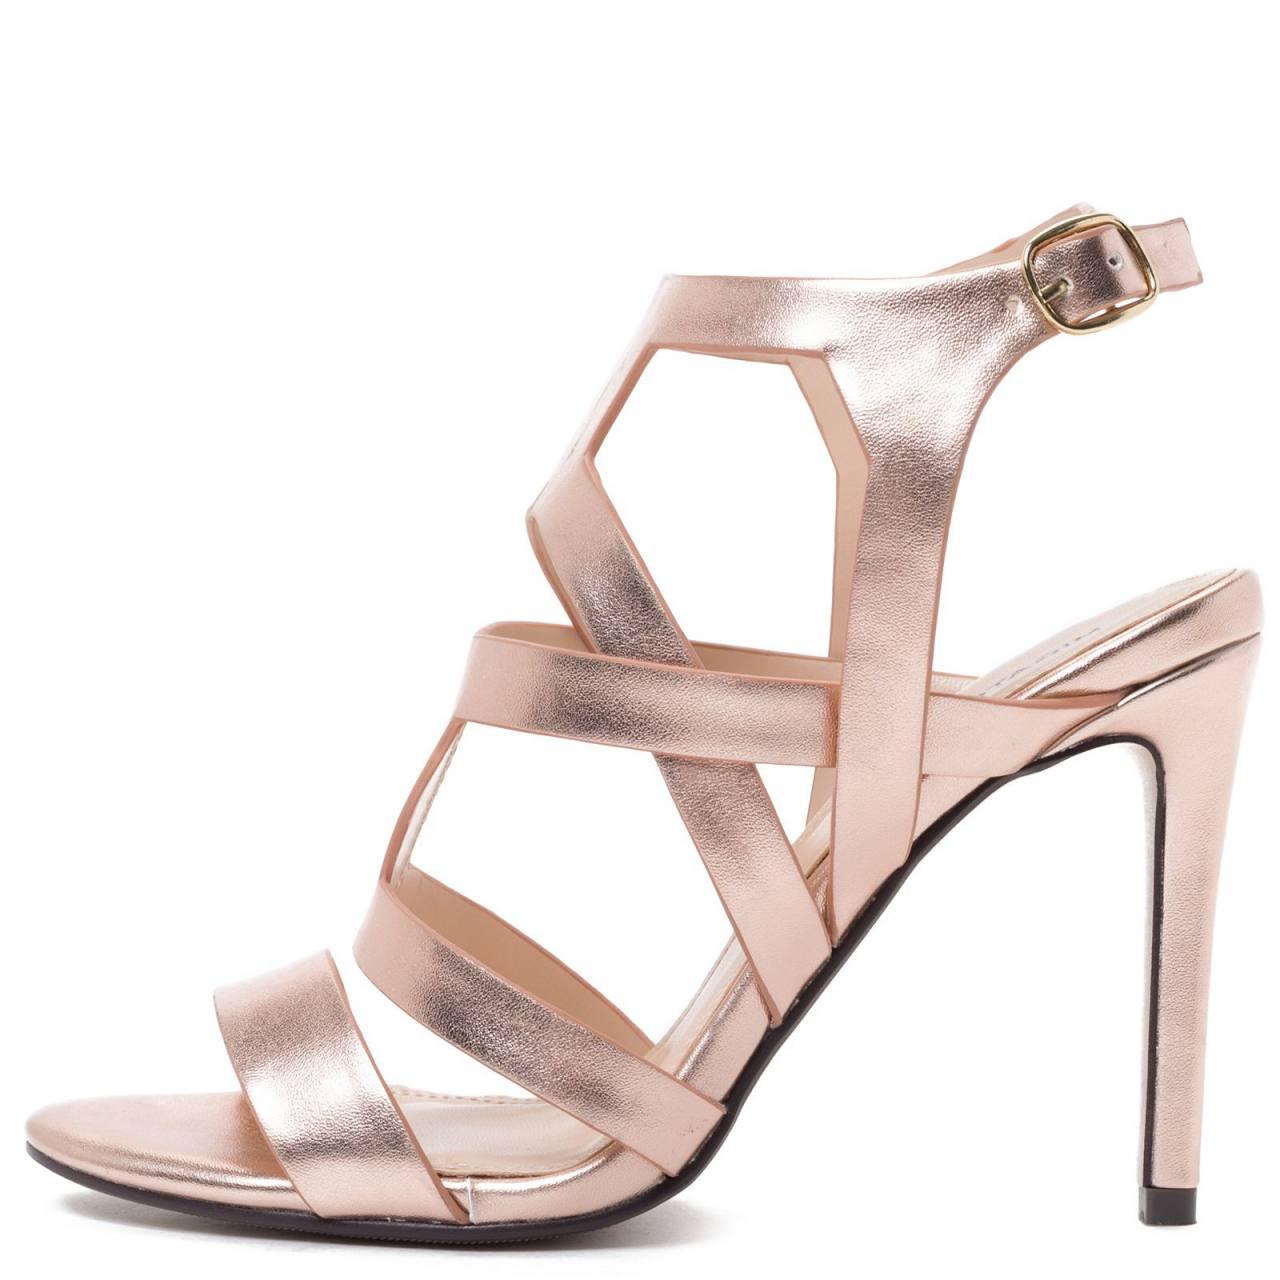 282b58273b Γυναικεία Νυφικά παπούτσια  Migato Ροζ χρυσό multistrap πέδιλο